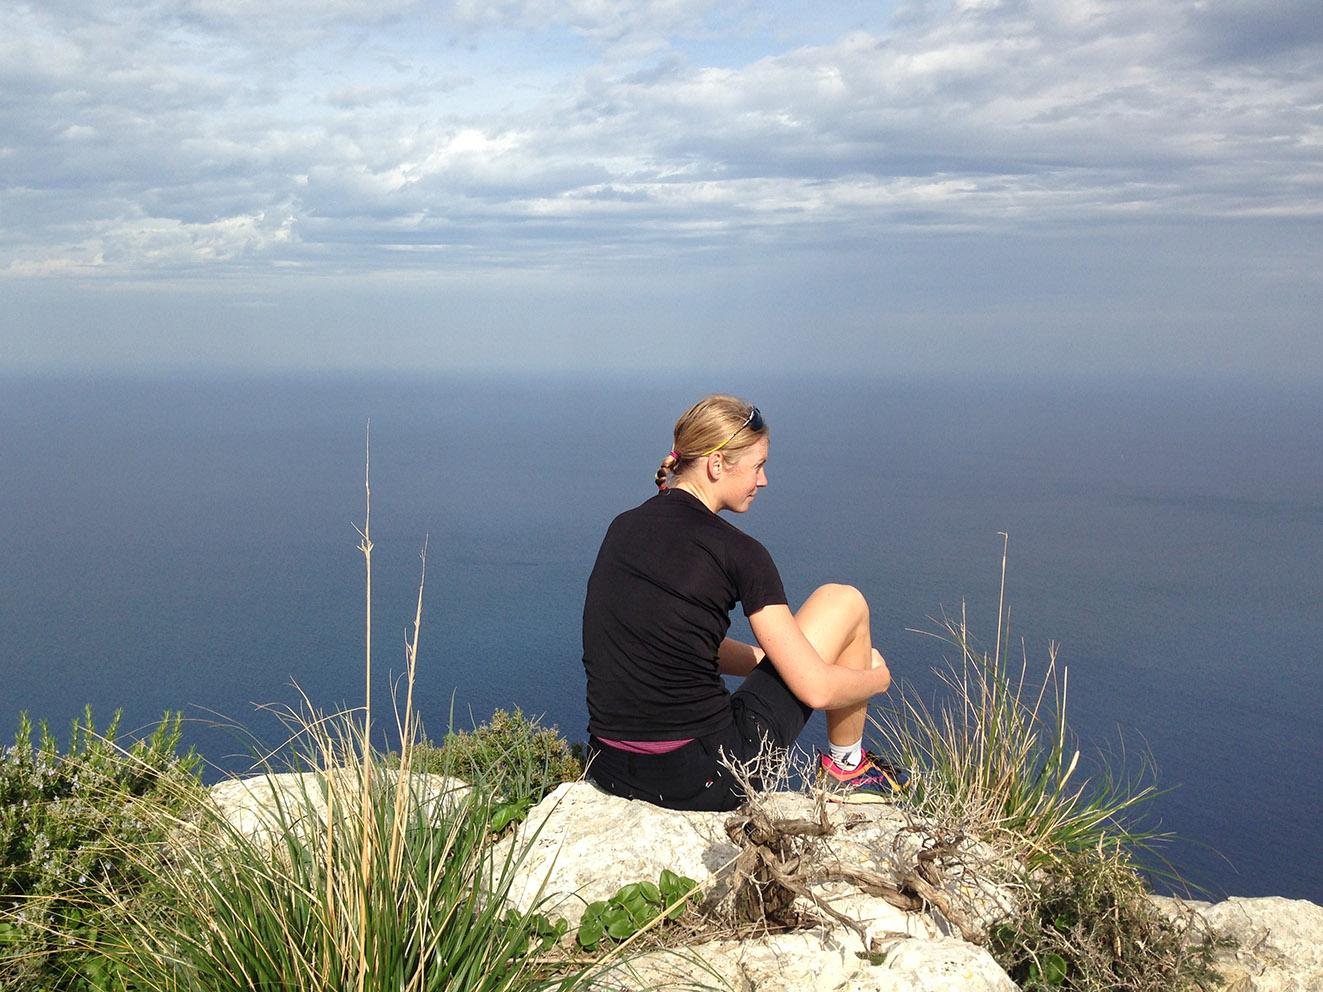 Wanderurlaub Nach Der Challenge Paguera Auf Mallorca